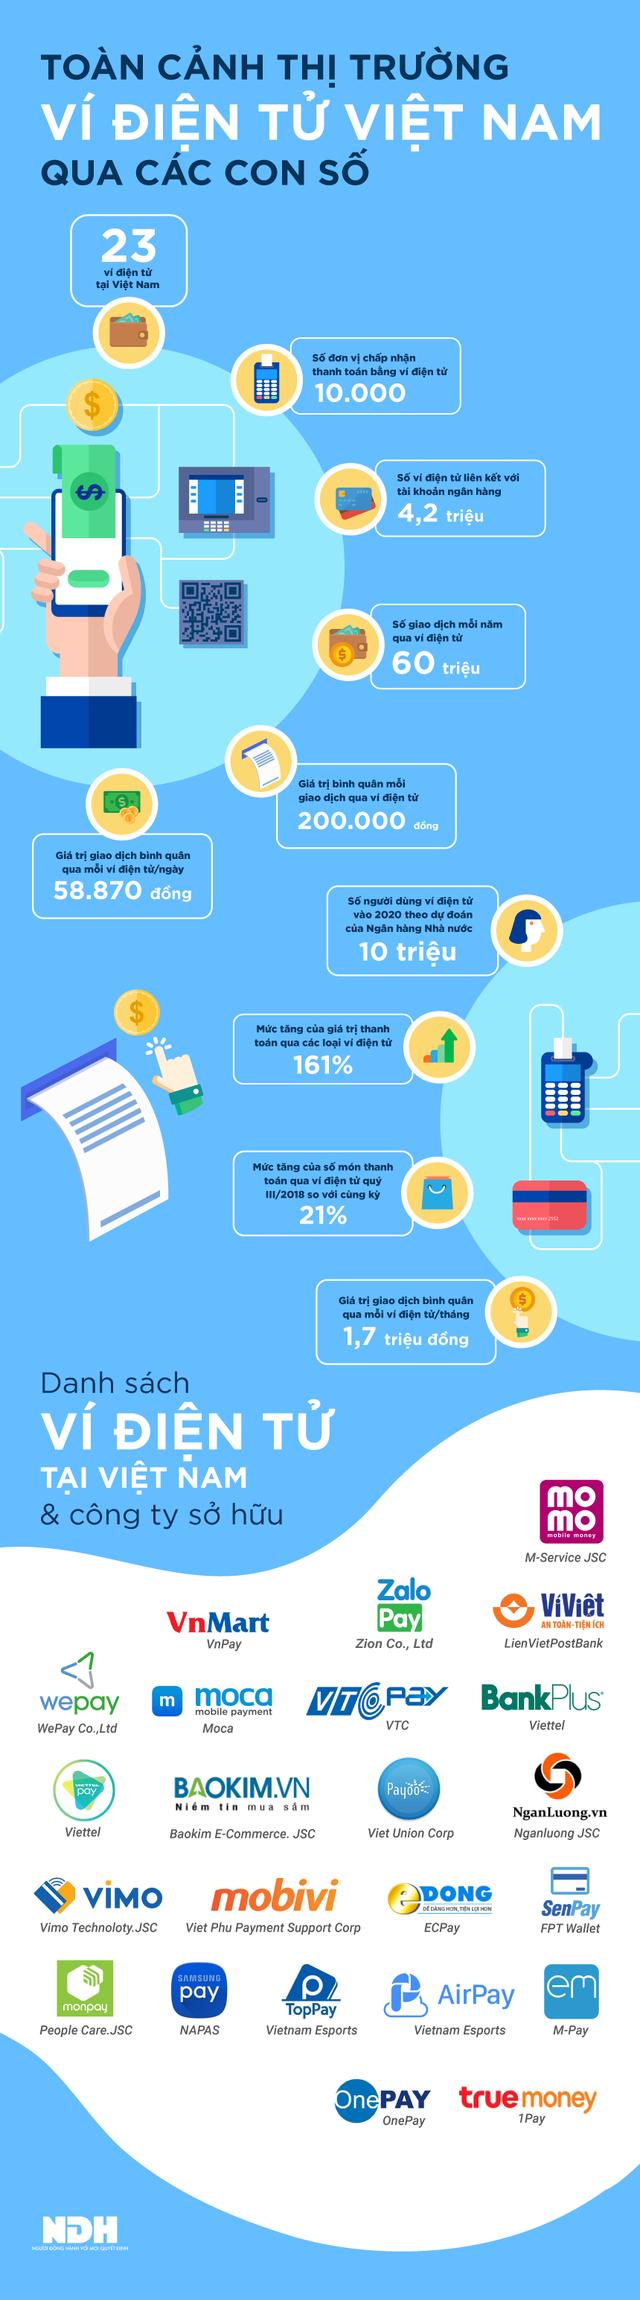 [Infographic] Toàn cảnh thị trường ví điện tử Việt Nam  - Ảnh 1.